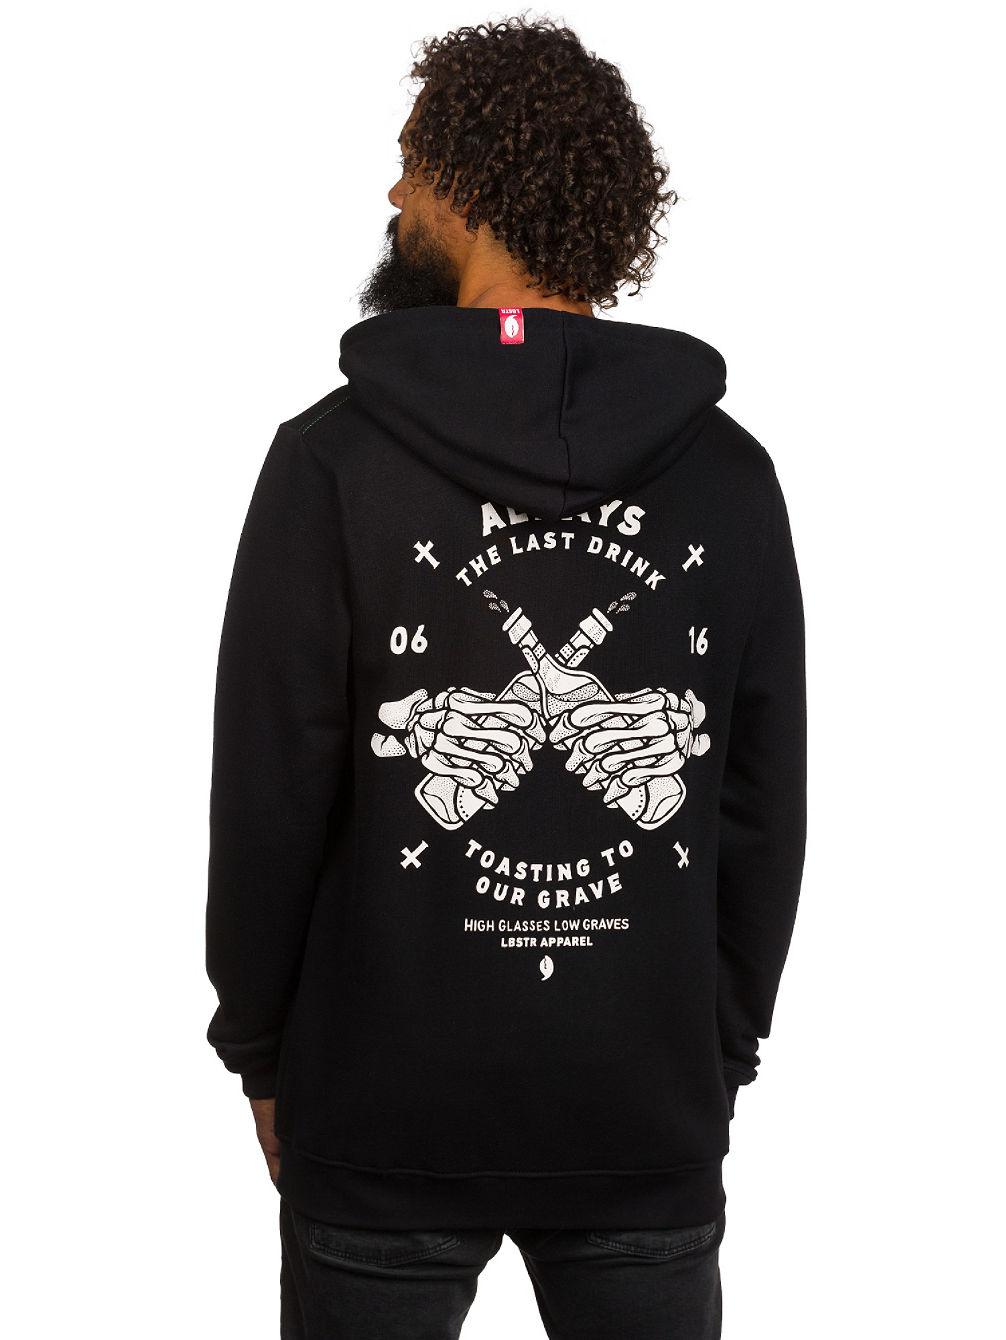 lbstr-apparel-chilling-zip-hoodie